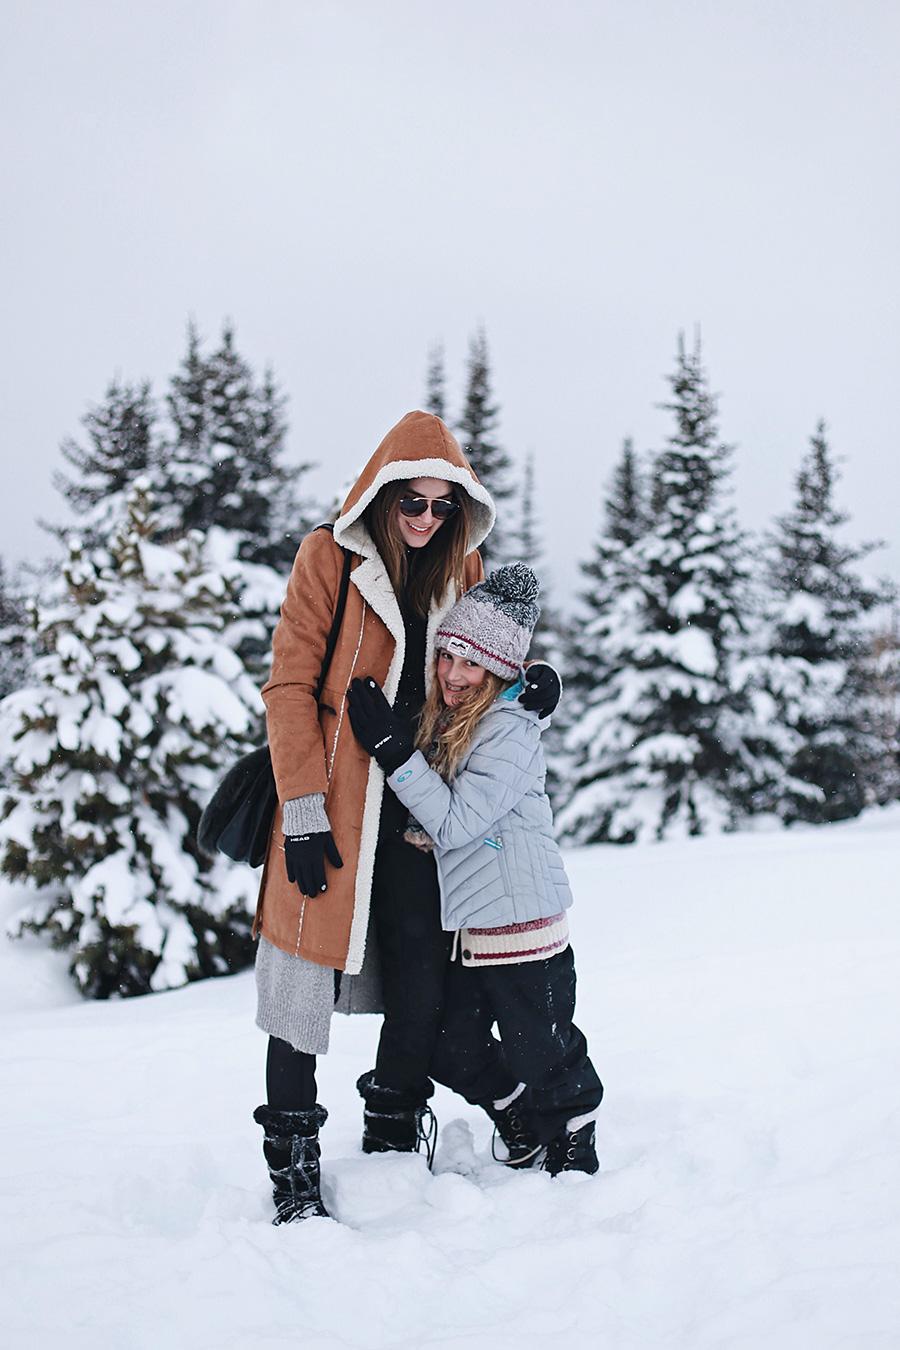 Banff Canada Ski Lift